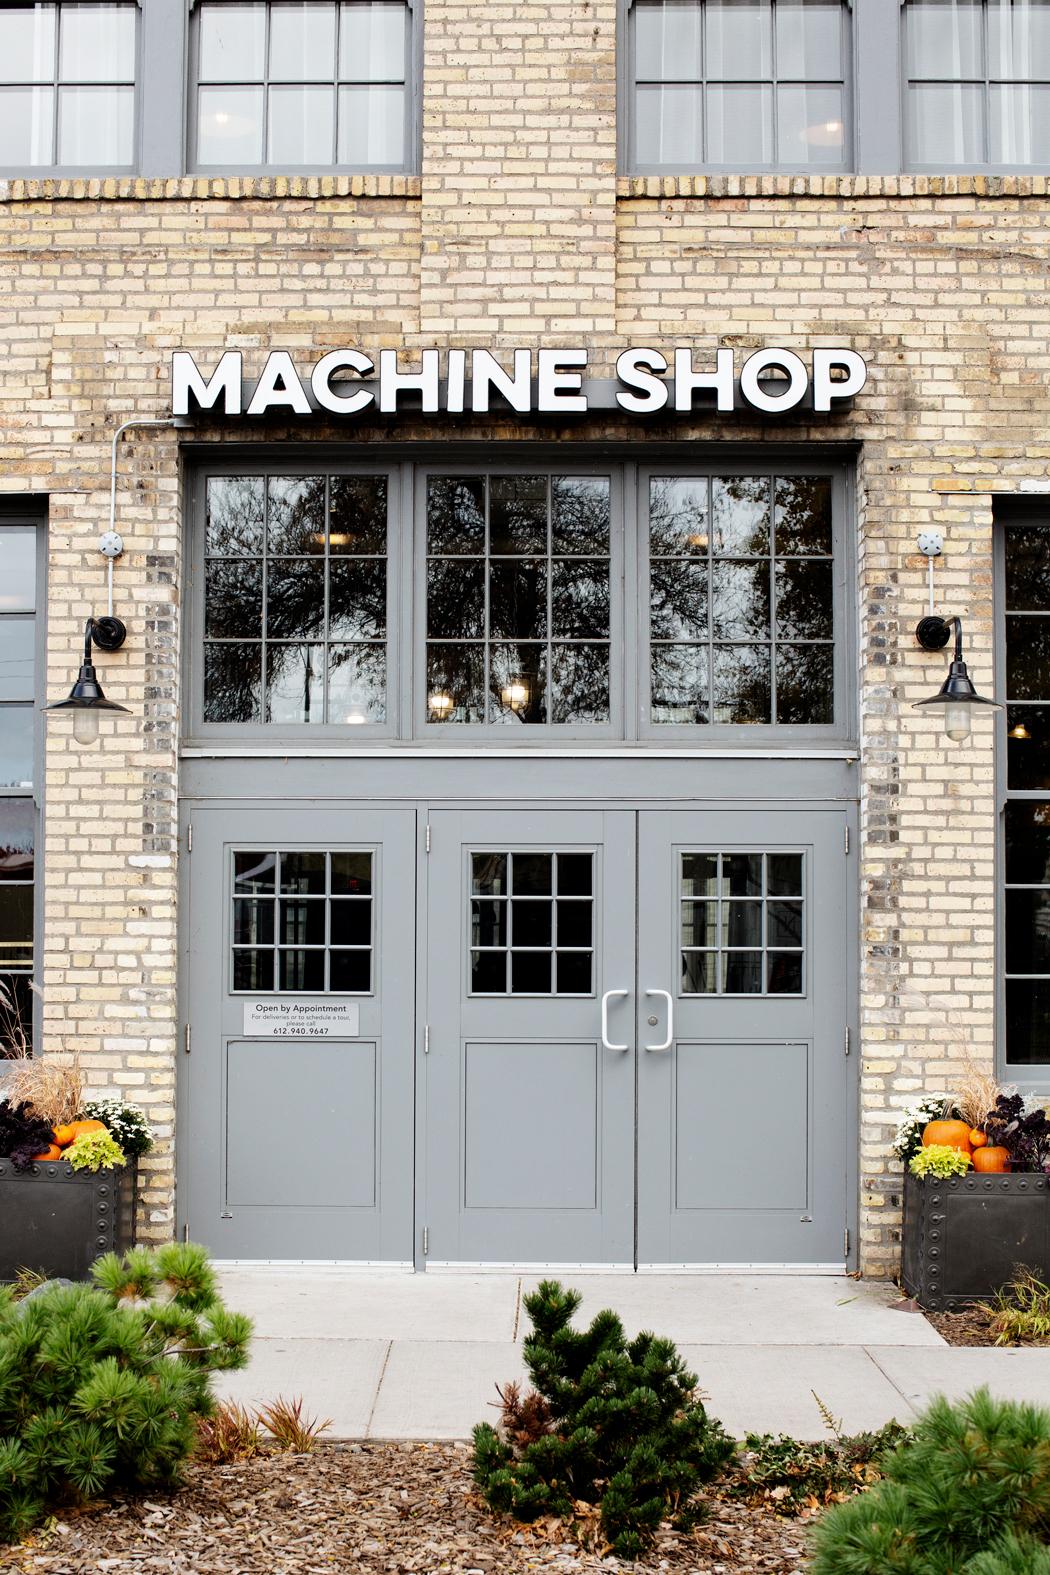 modern industrial wedding venue space